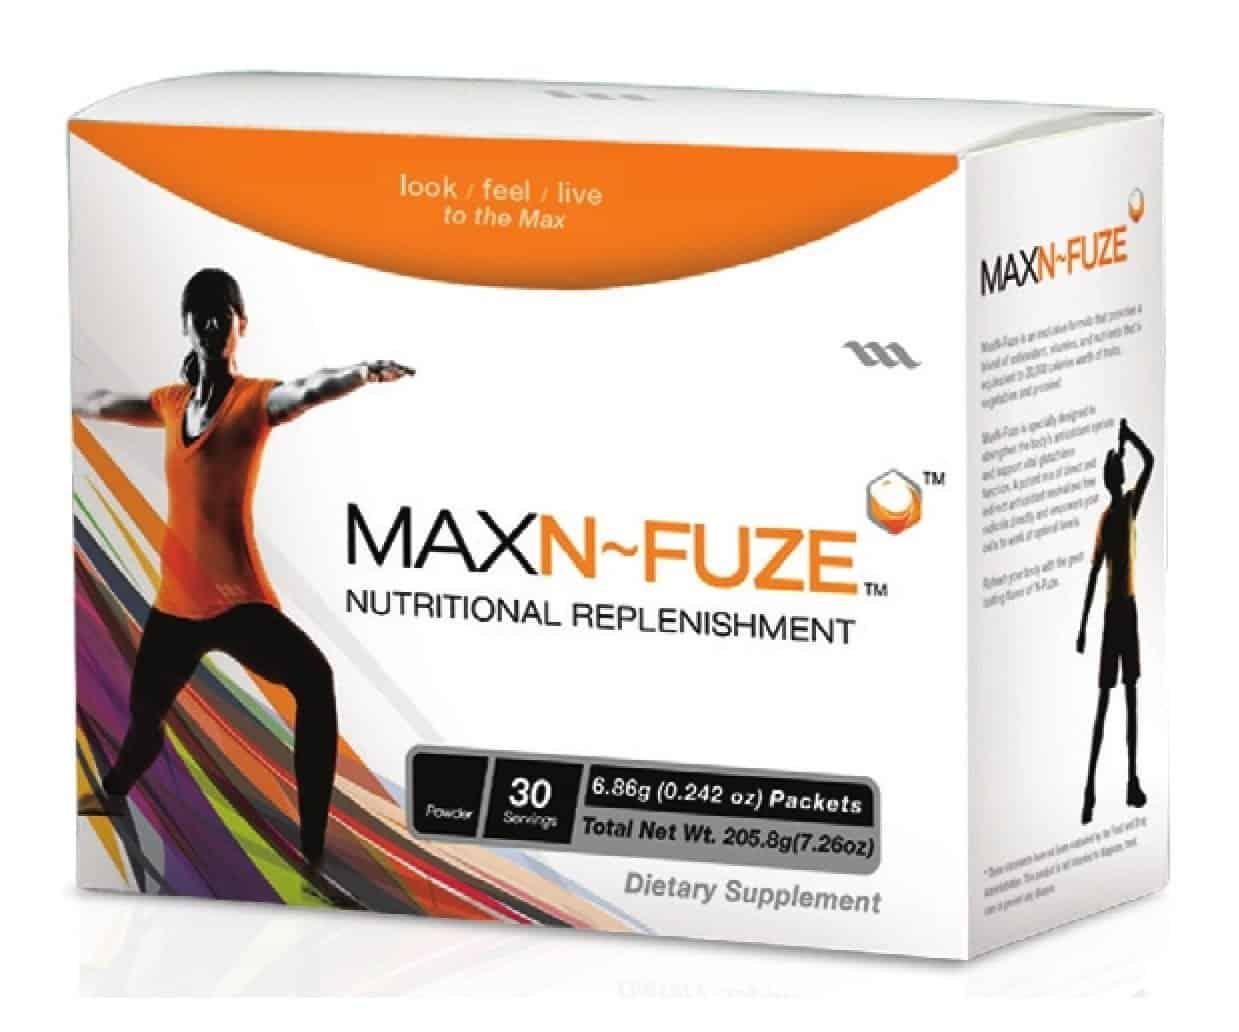 Max n Fuze